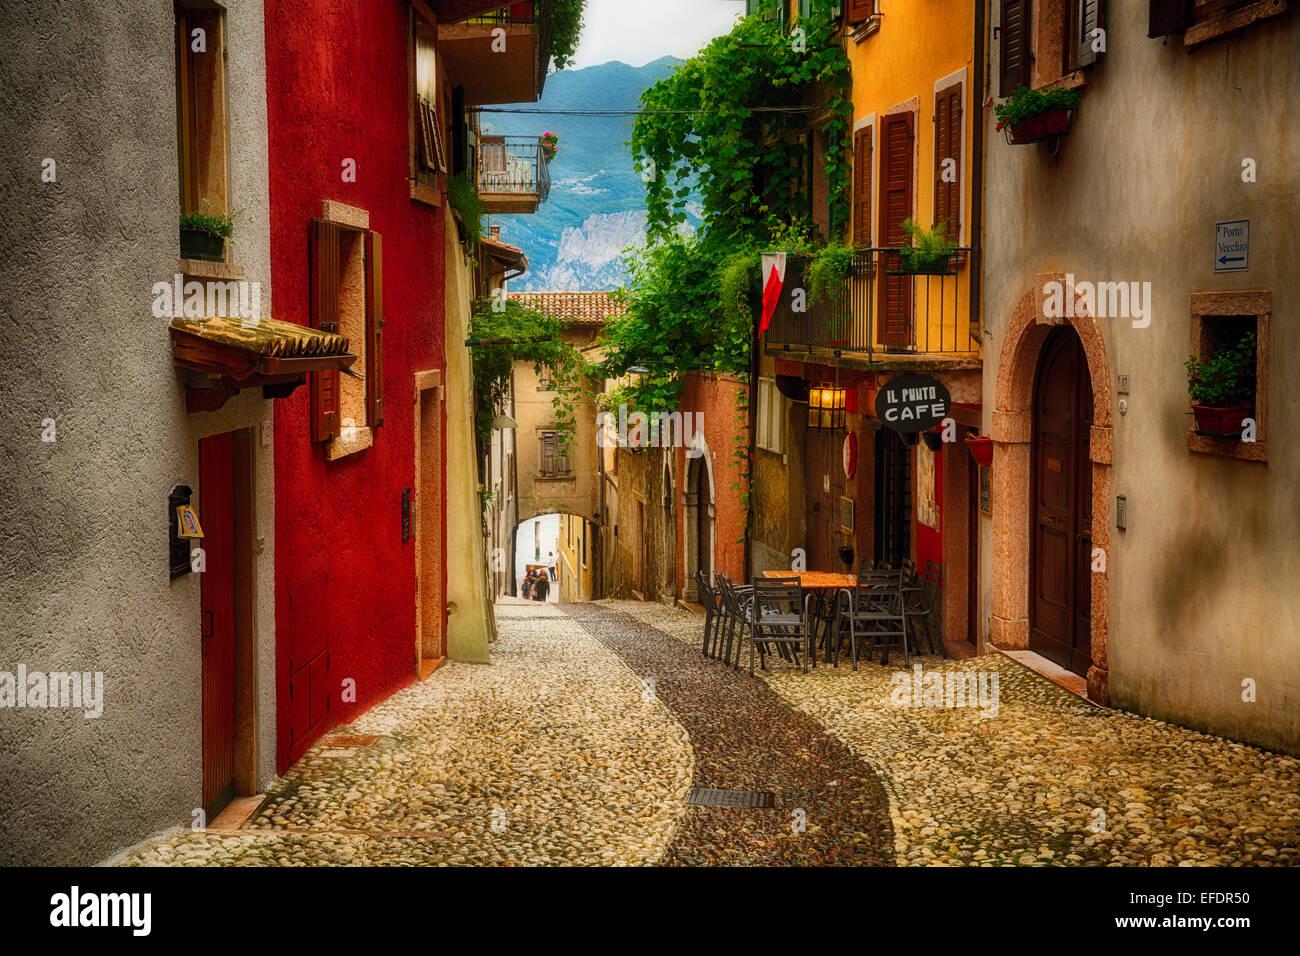 Rue colorée de Malcesine, sur le lac de Garde, Lombardie, Italie Photo Stock